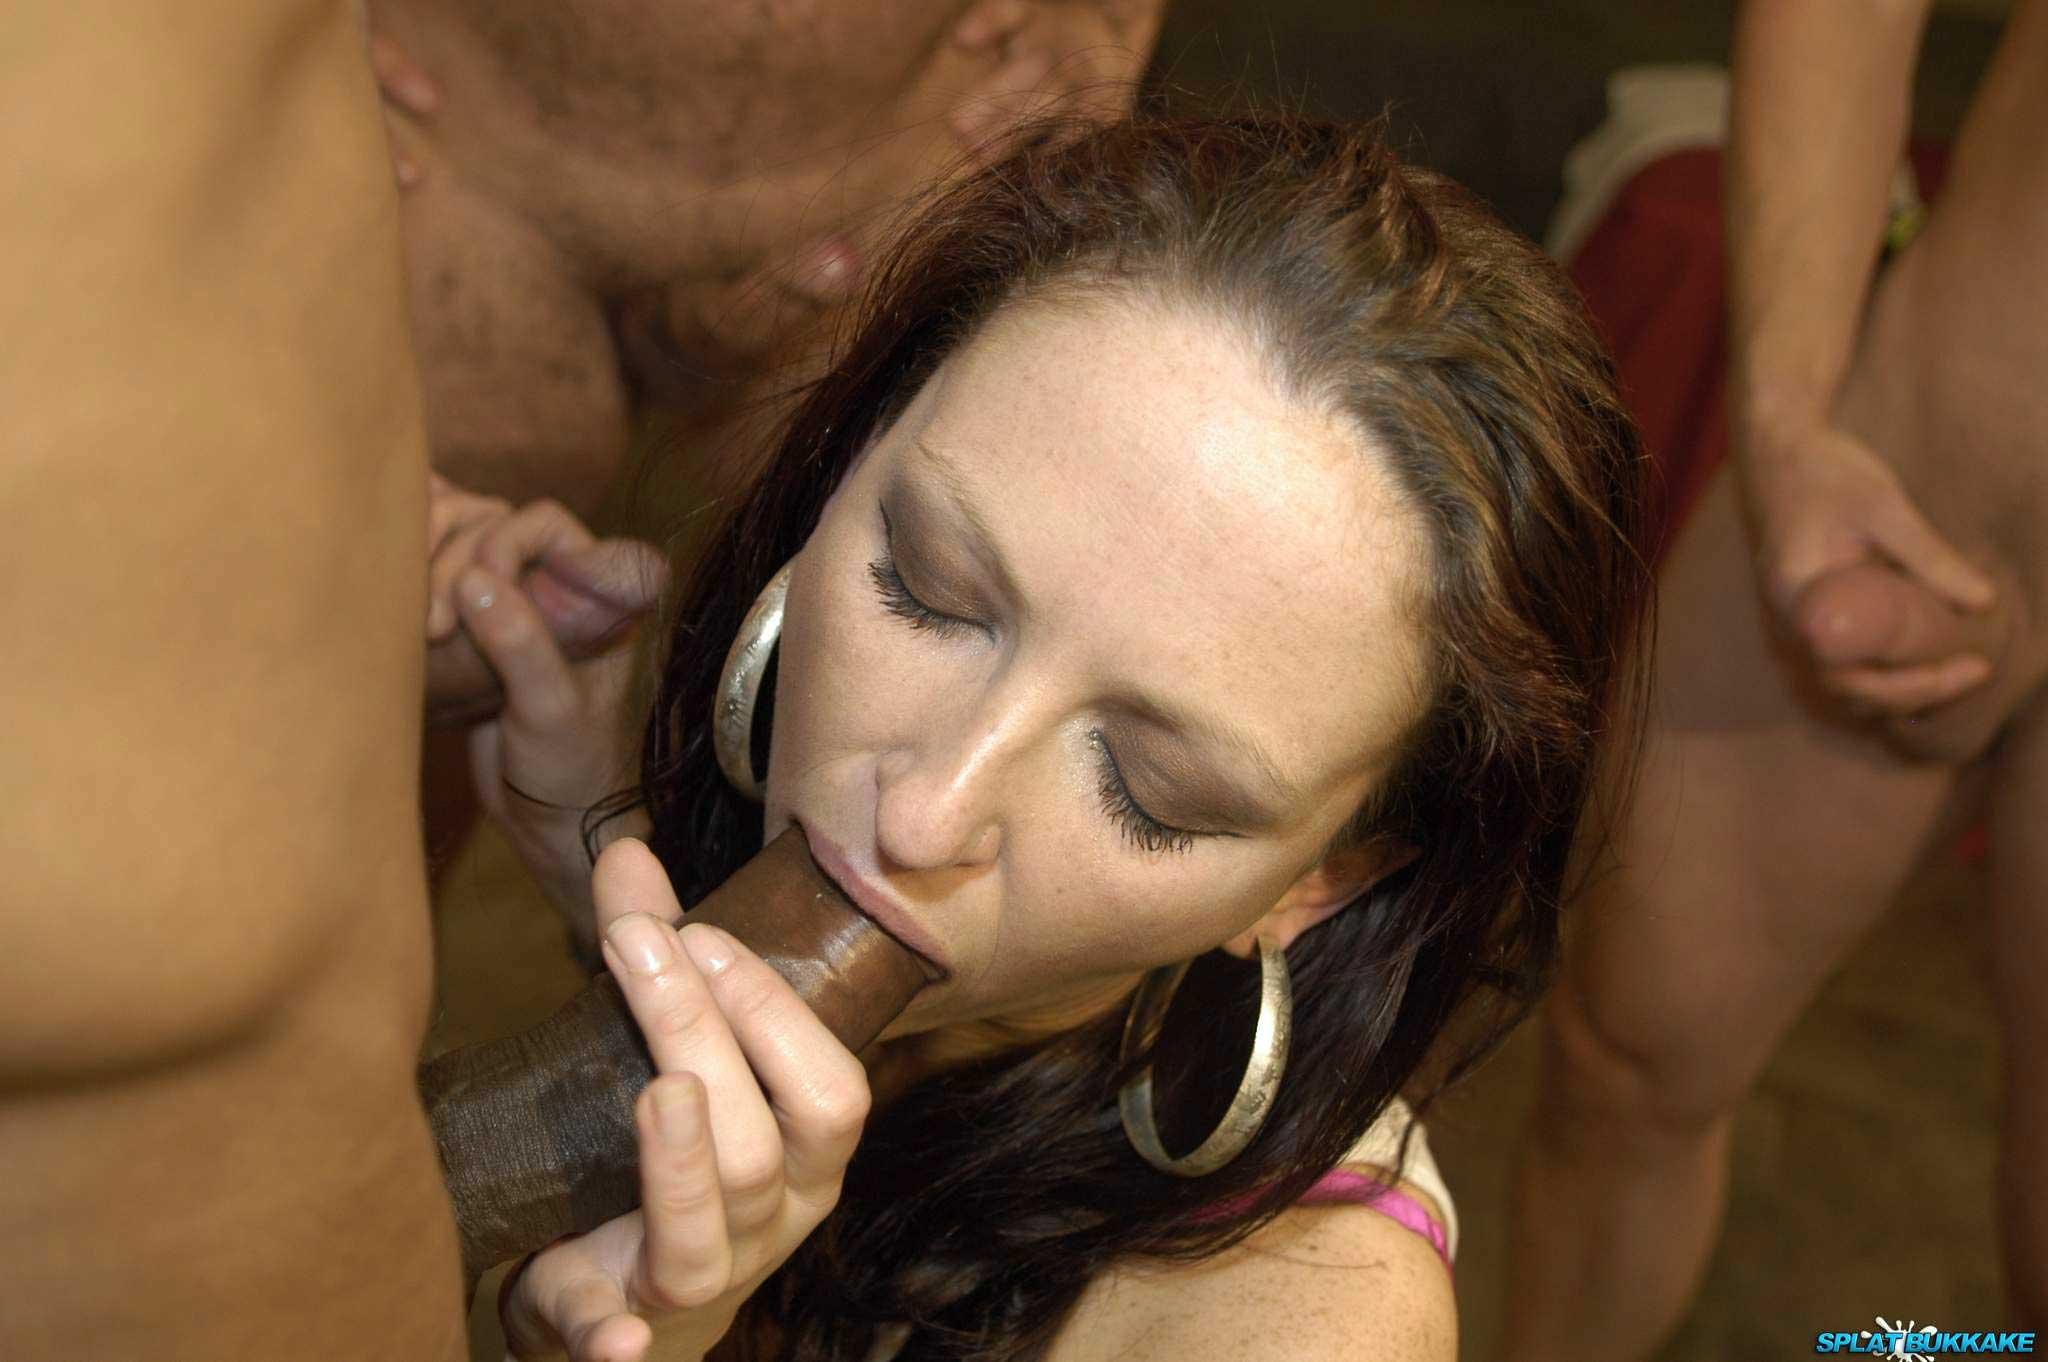 Amateur Bukkake Porn splat bukkake english amateur gets debut facials 449409